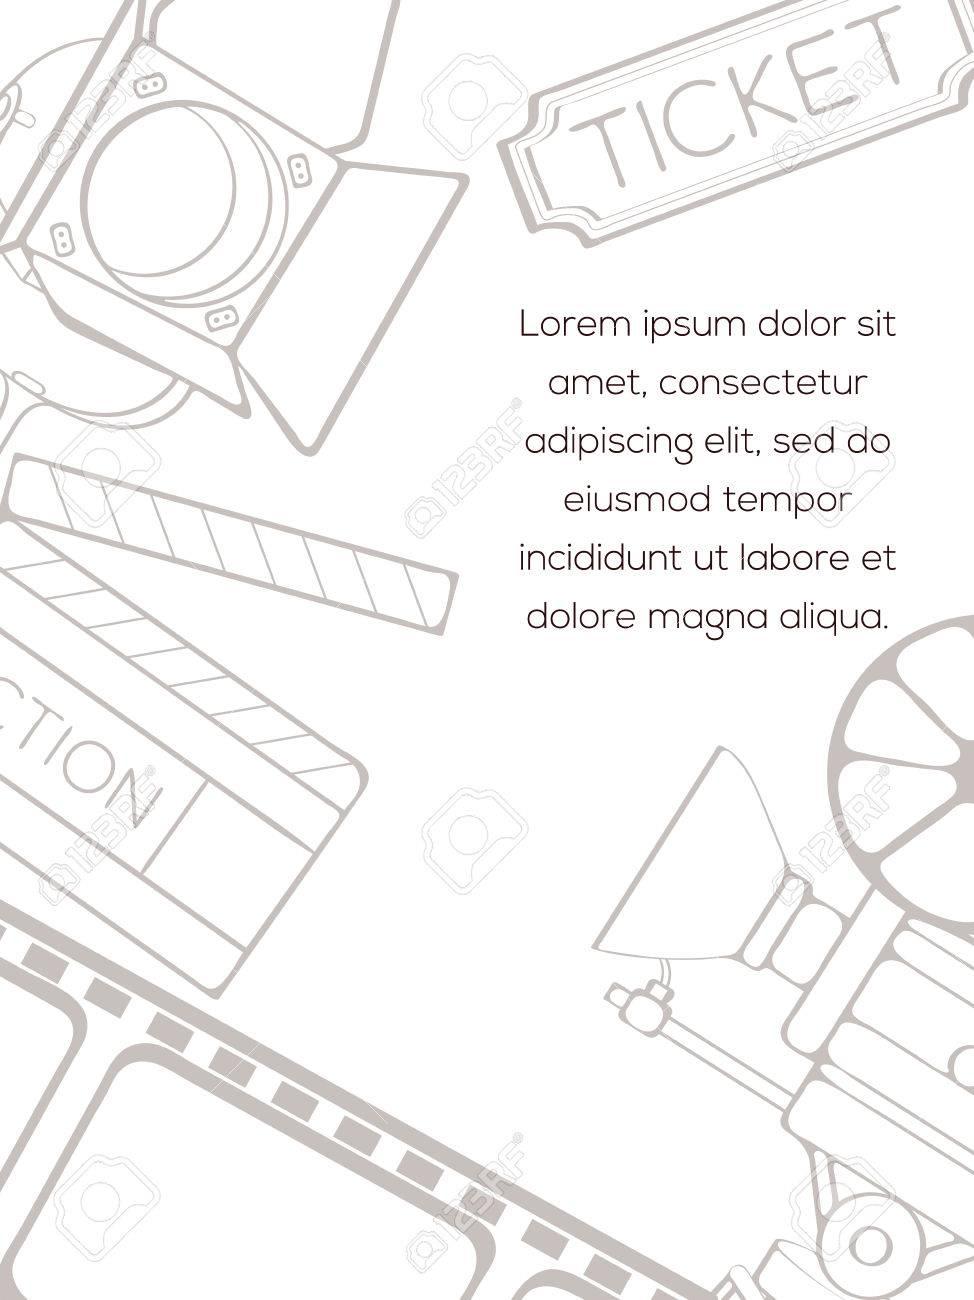 Gemütlich Film Karten Einladungs Schablone Galerie - FORTSETZUNG ...